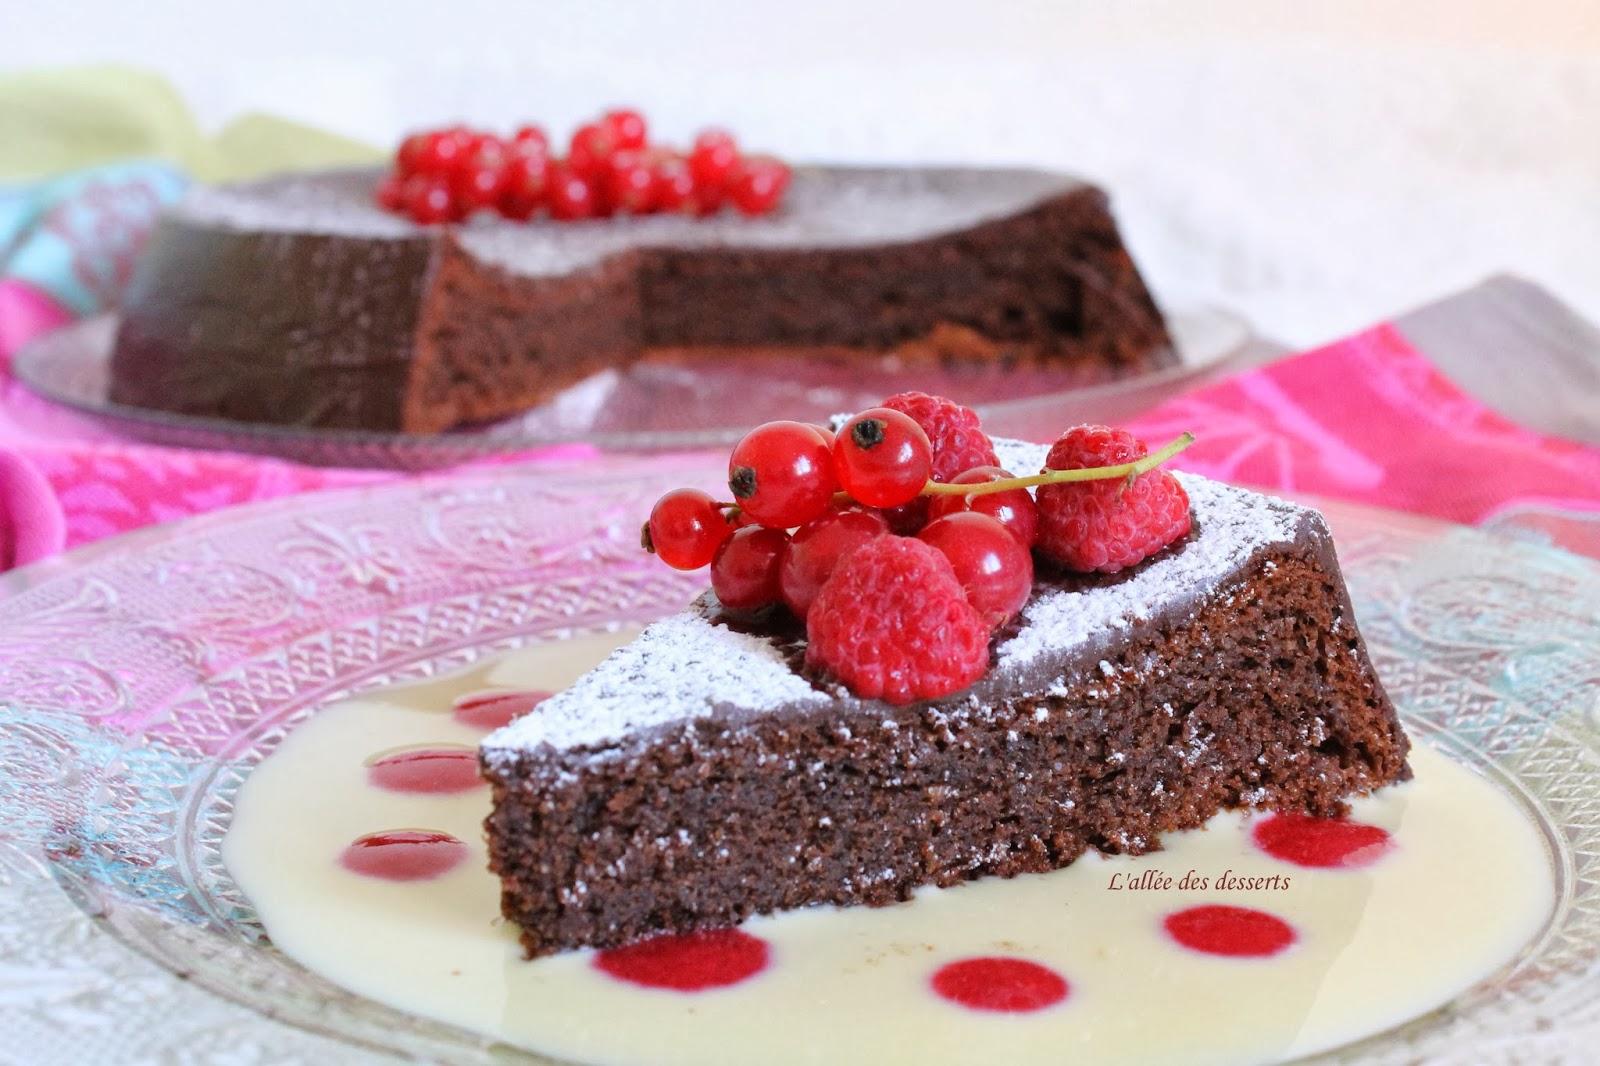 L'allée des desserts: Gâteau au chocolat tout moelleux